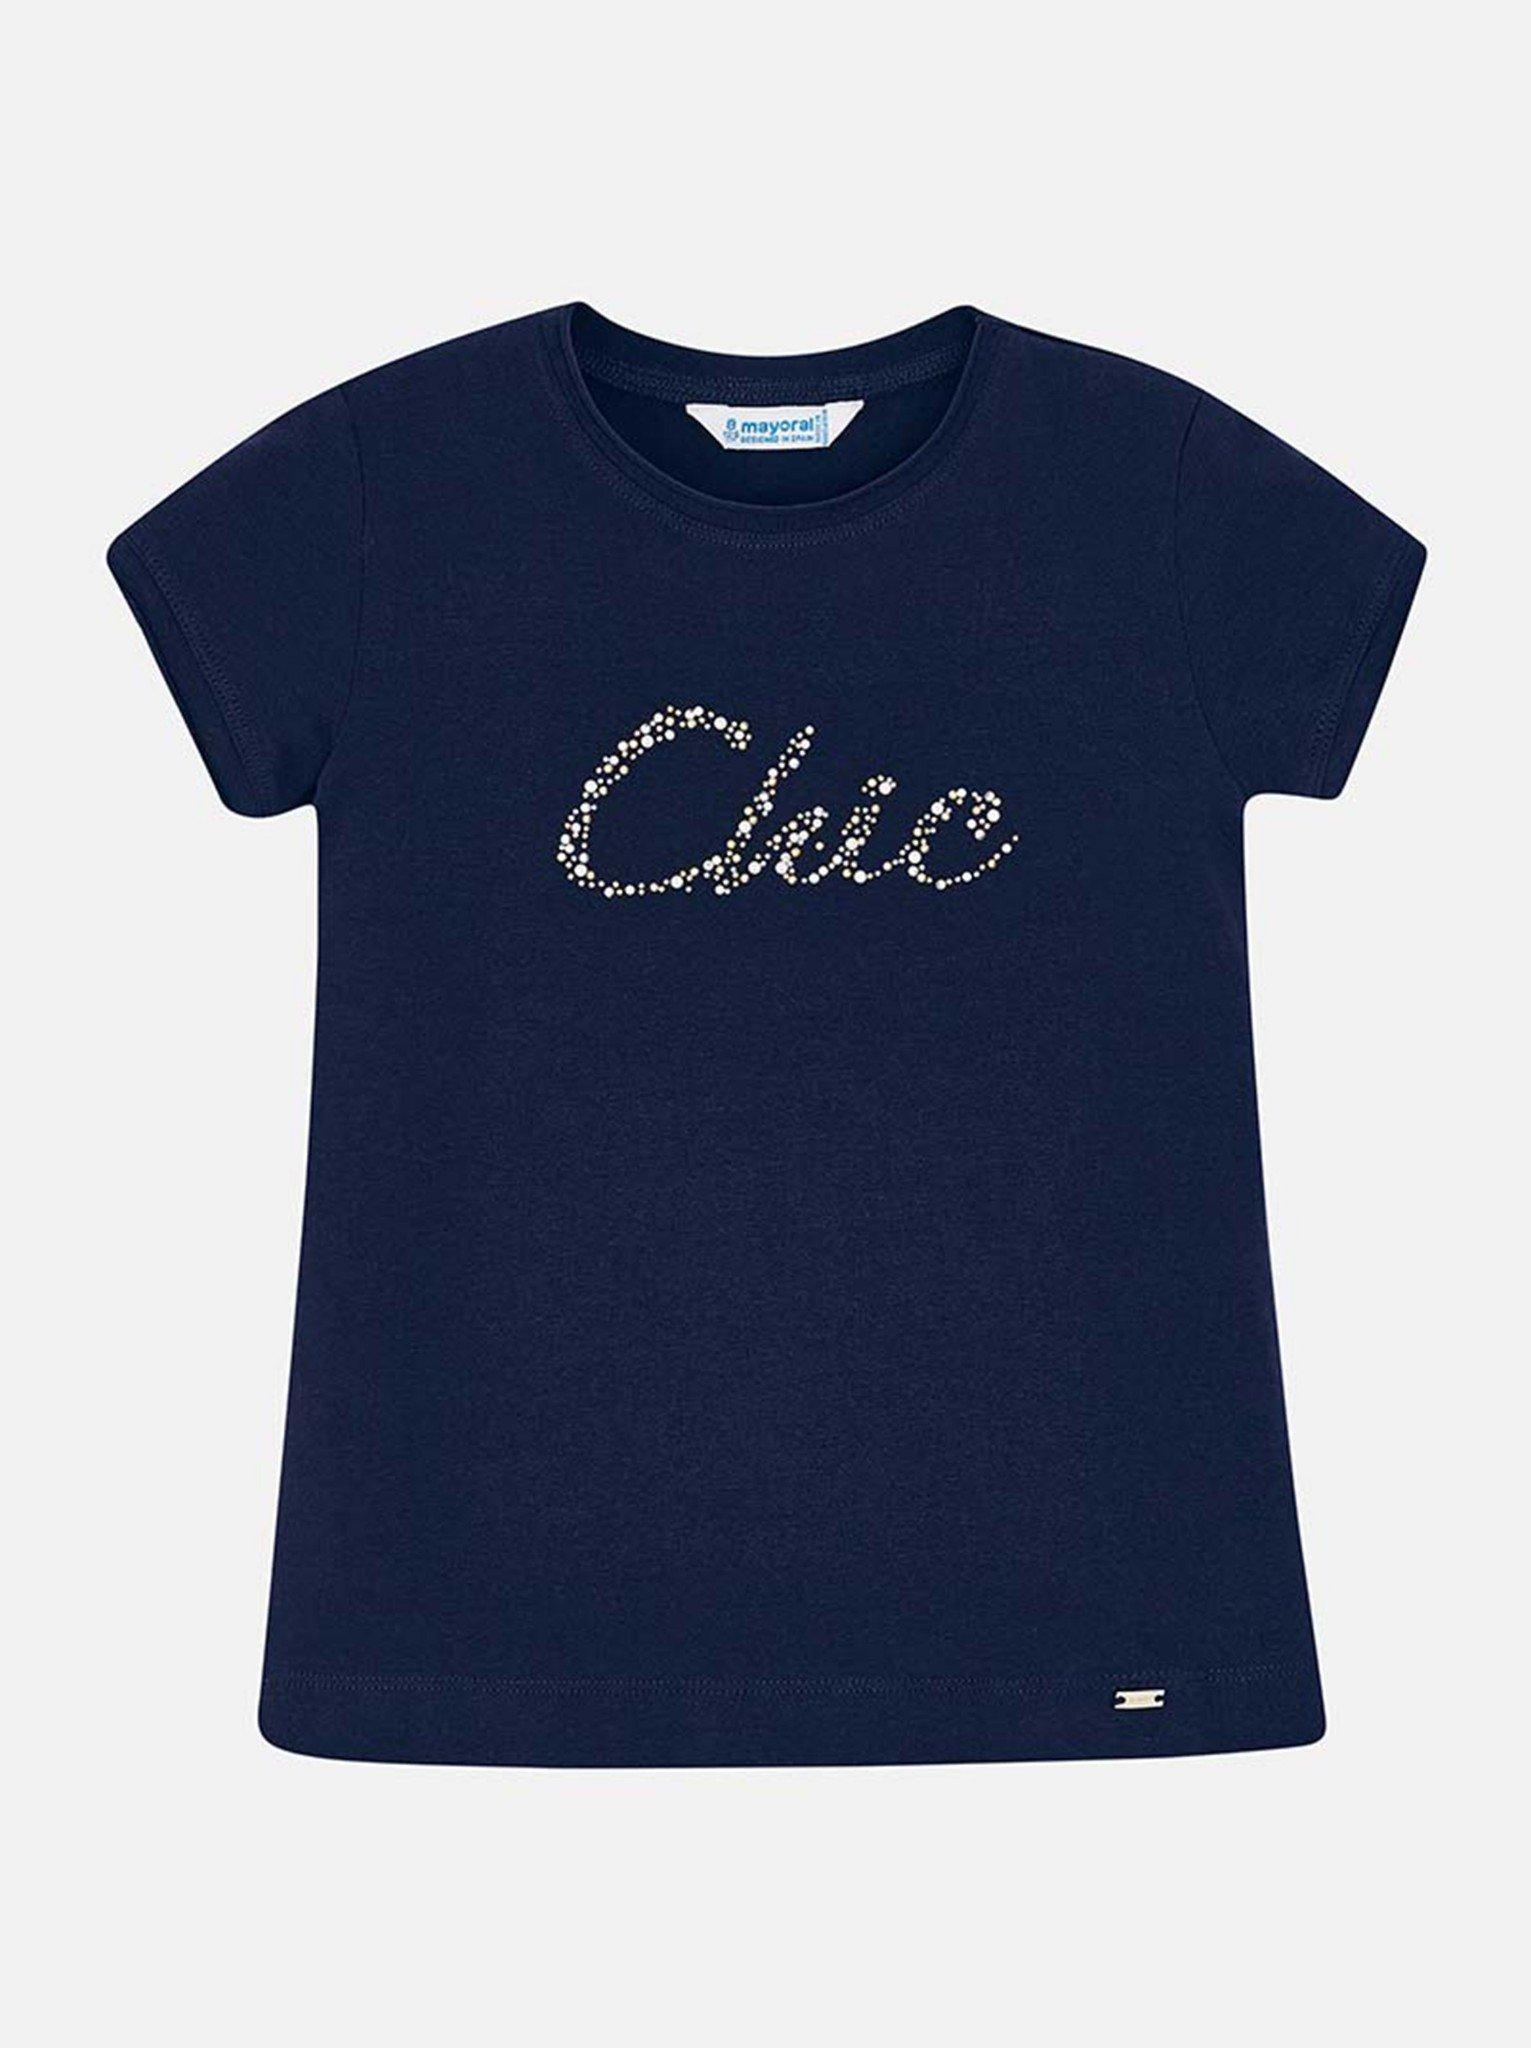 Áo phông bé gái navy chữ đính hạt